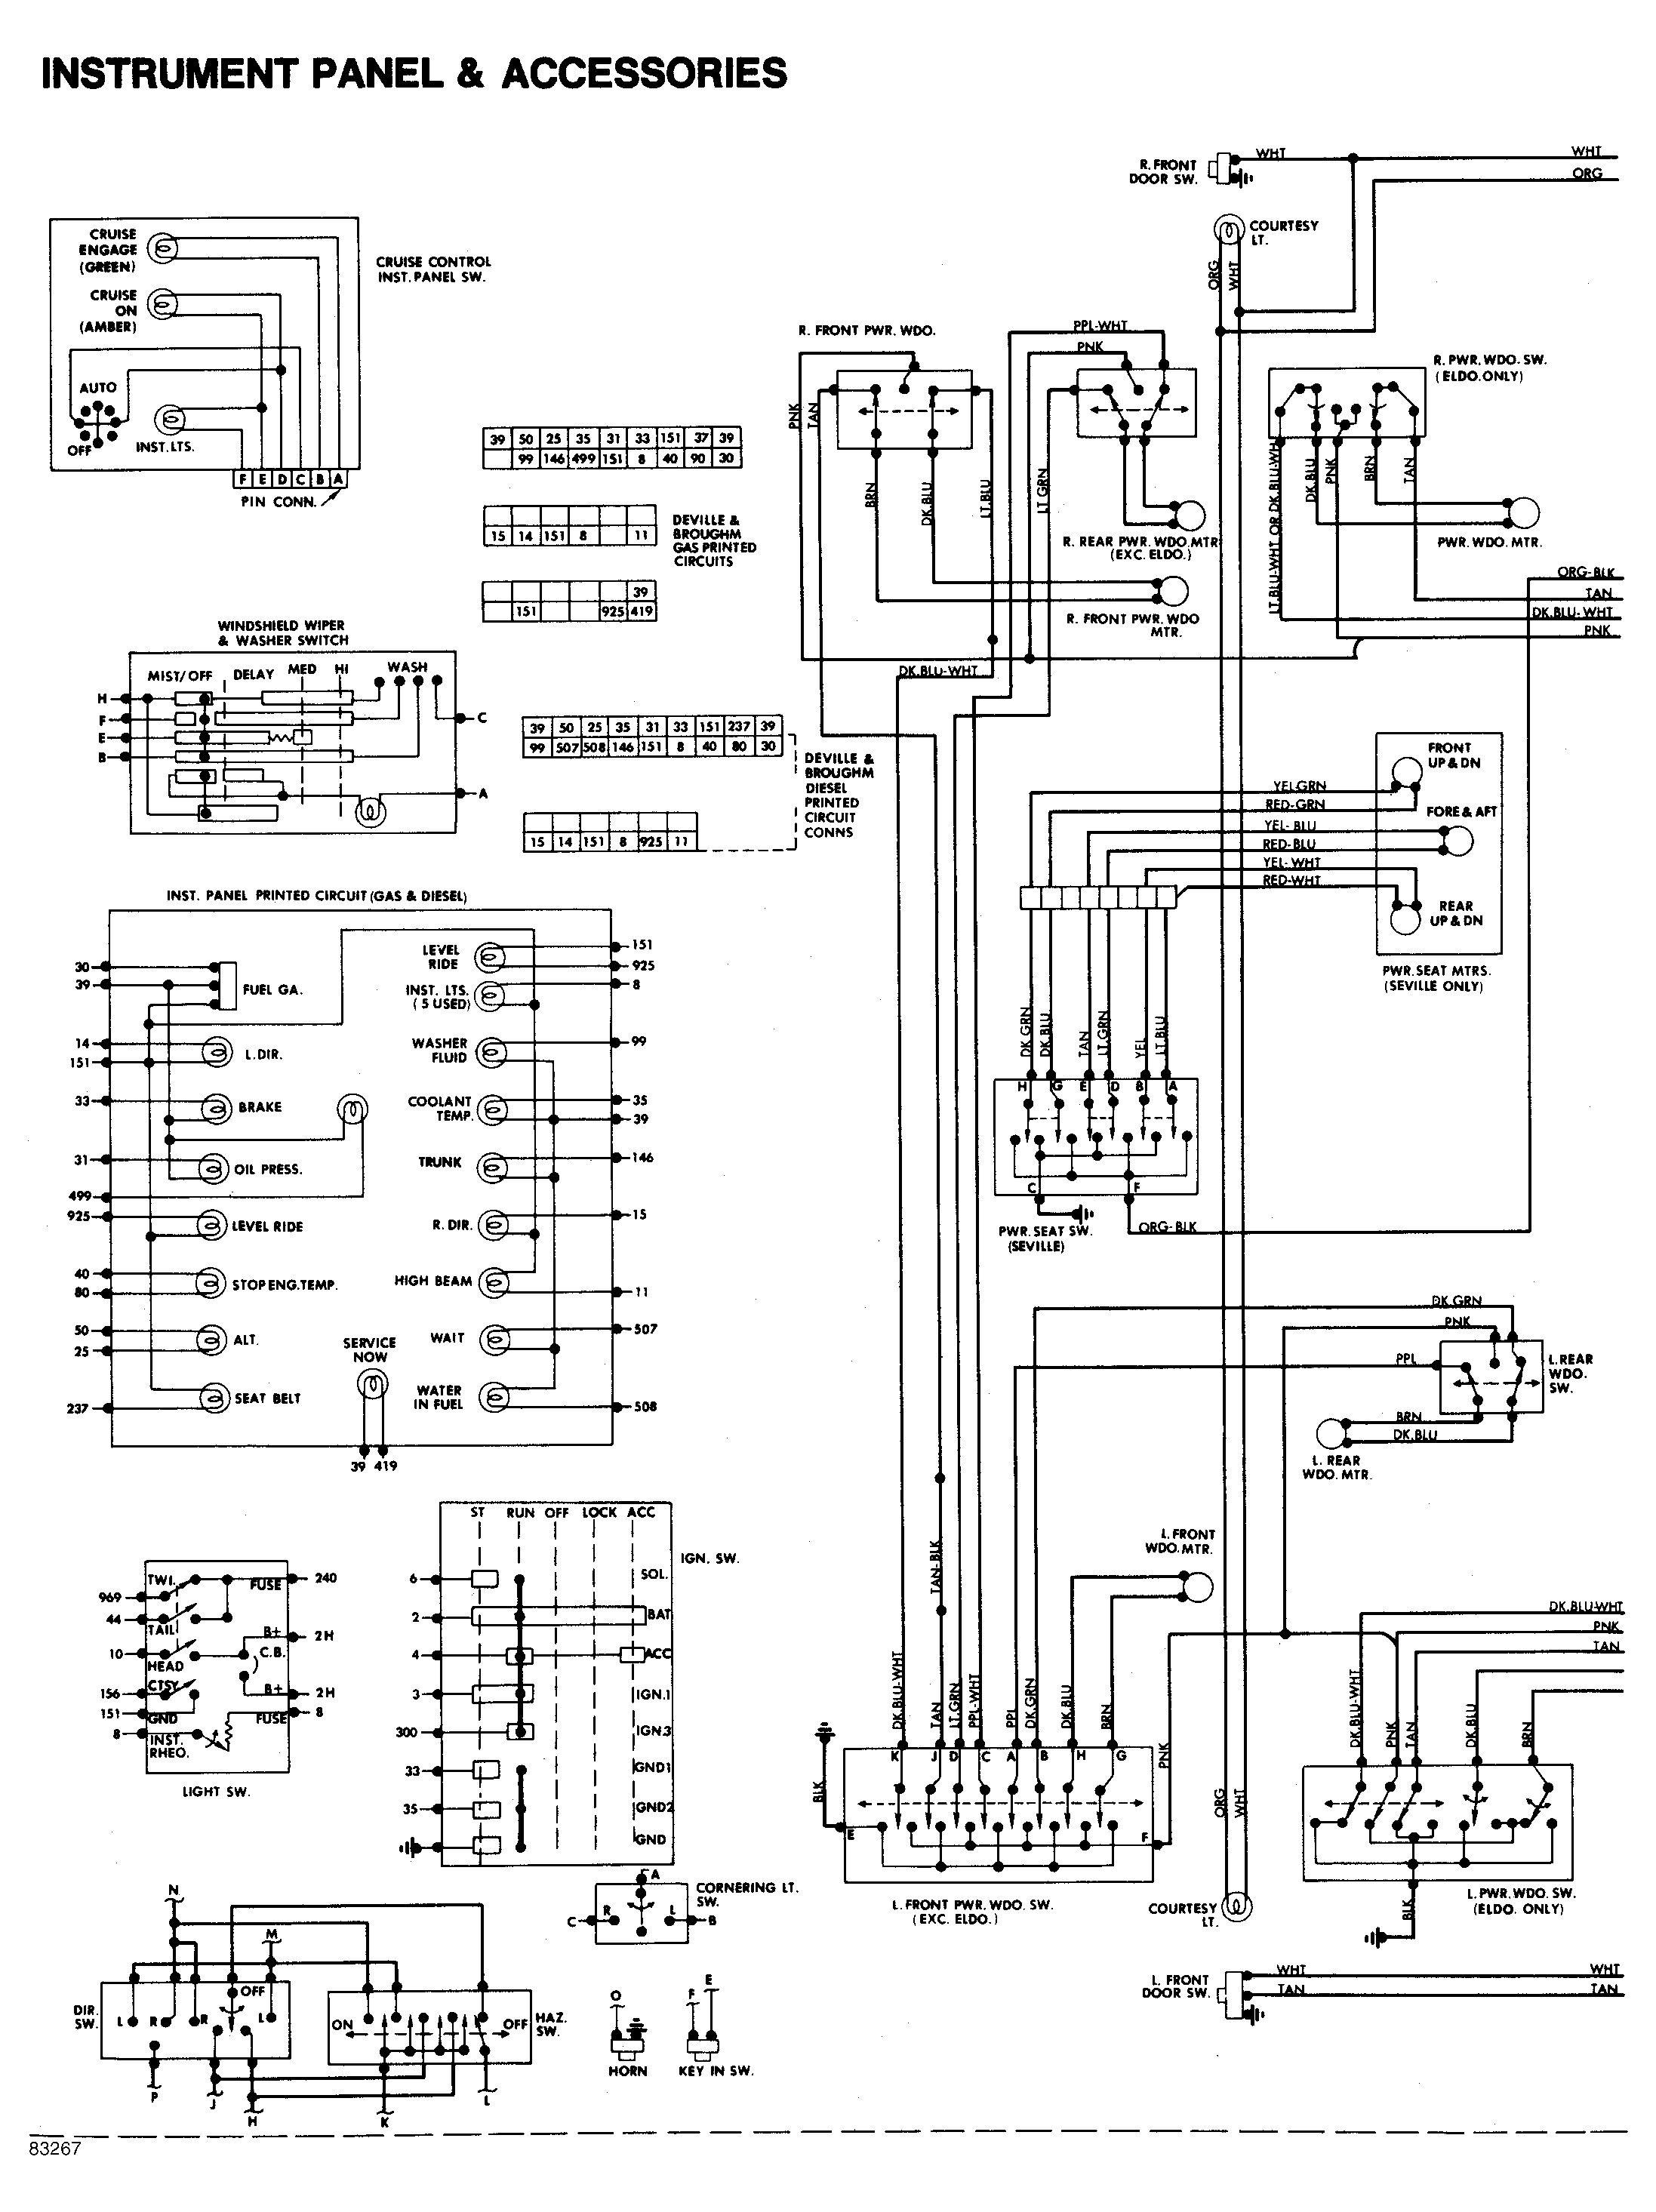 daewoo radio wiring diagram jiub rennsteigmesse de \u2022daewoo wiring harness diagram wiring diagram all data rh 12 18 feuerwehr randegg de daewoo car stereo wiring diagram daewoo car radio wiring diagram